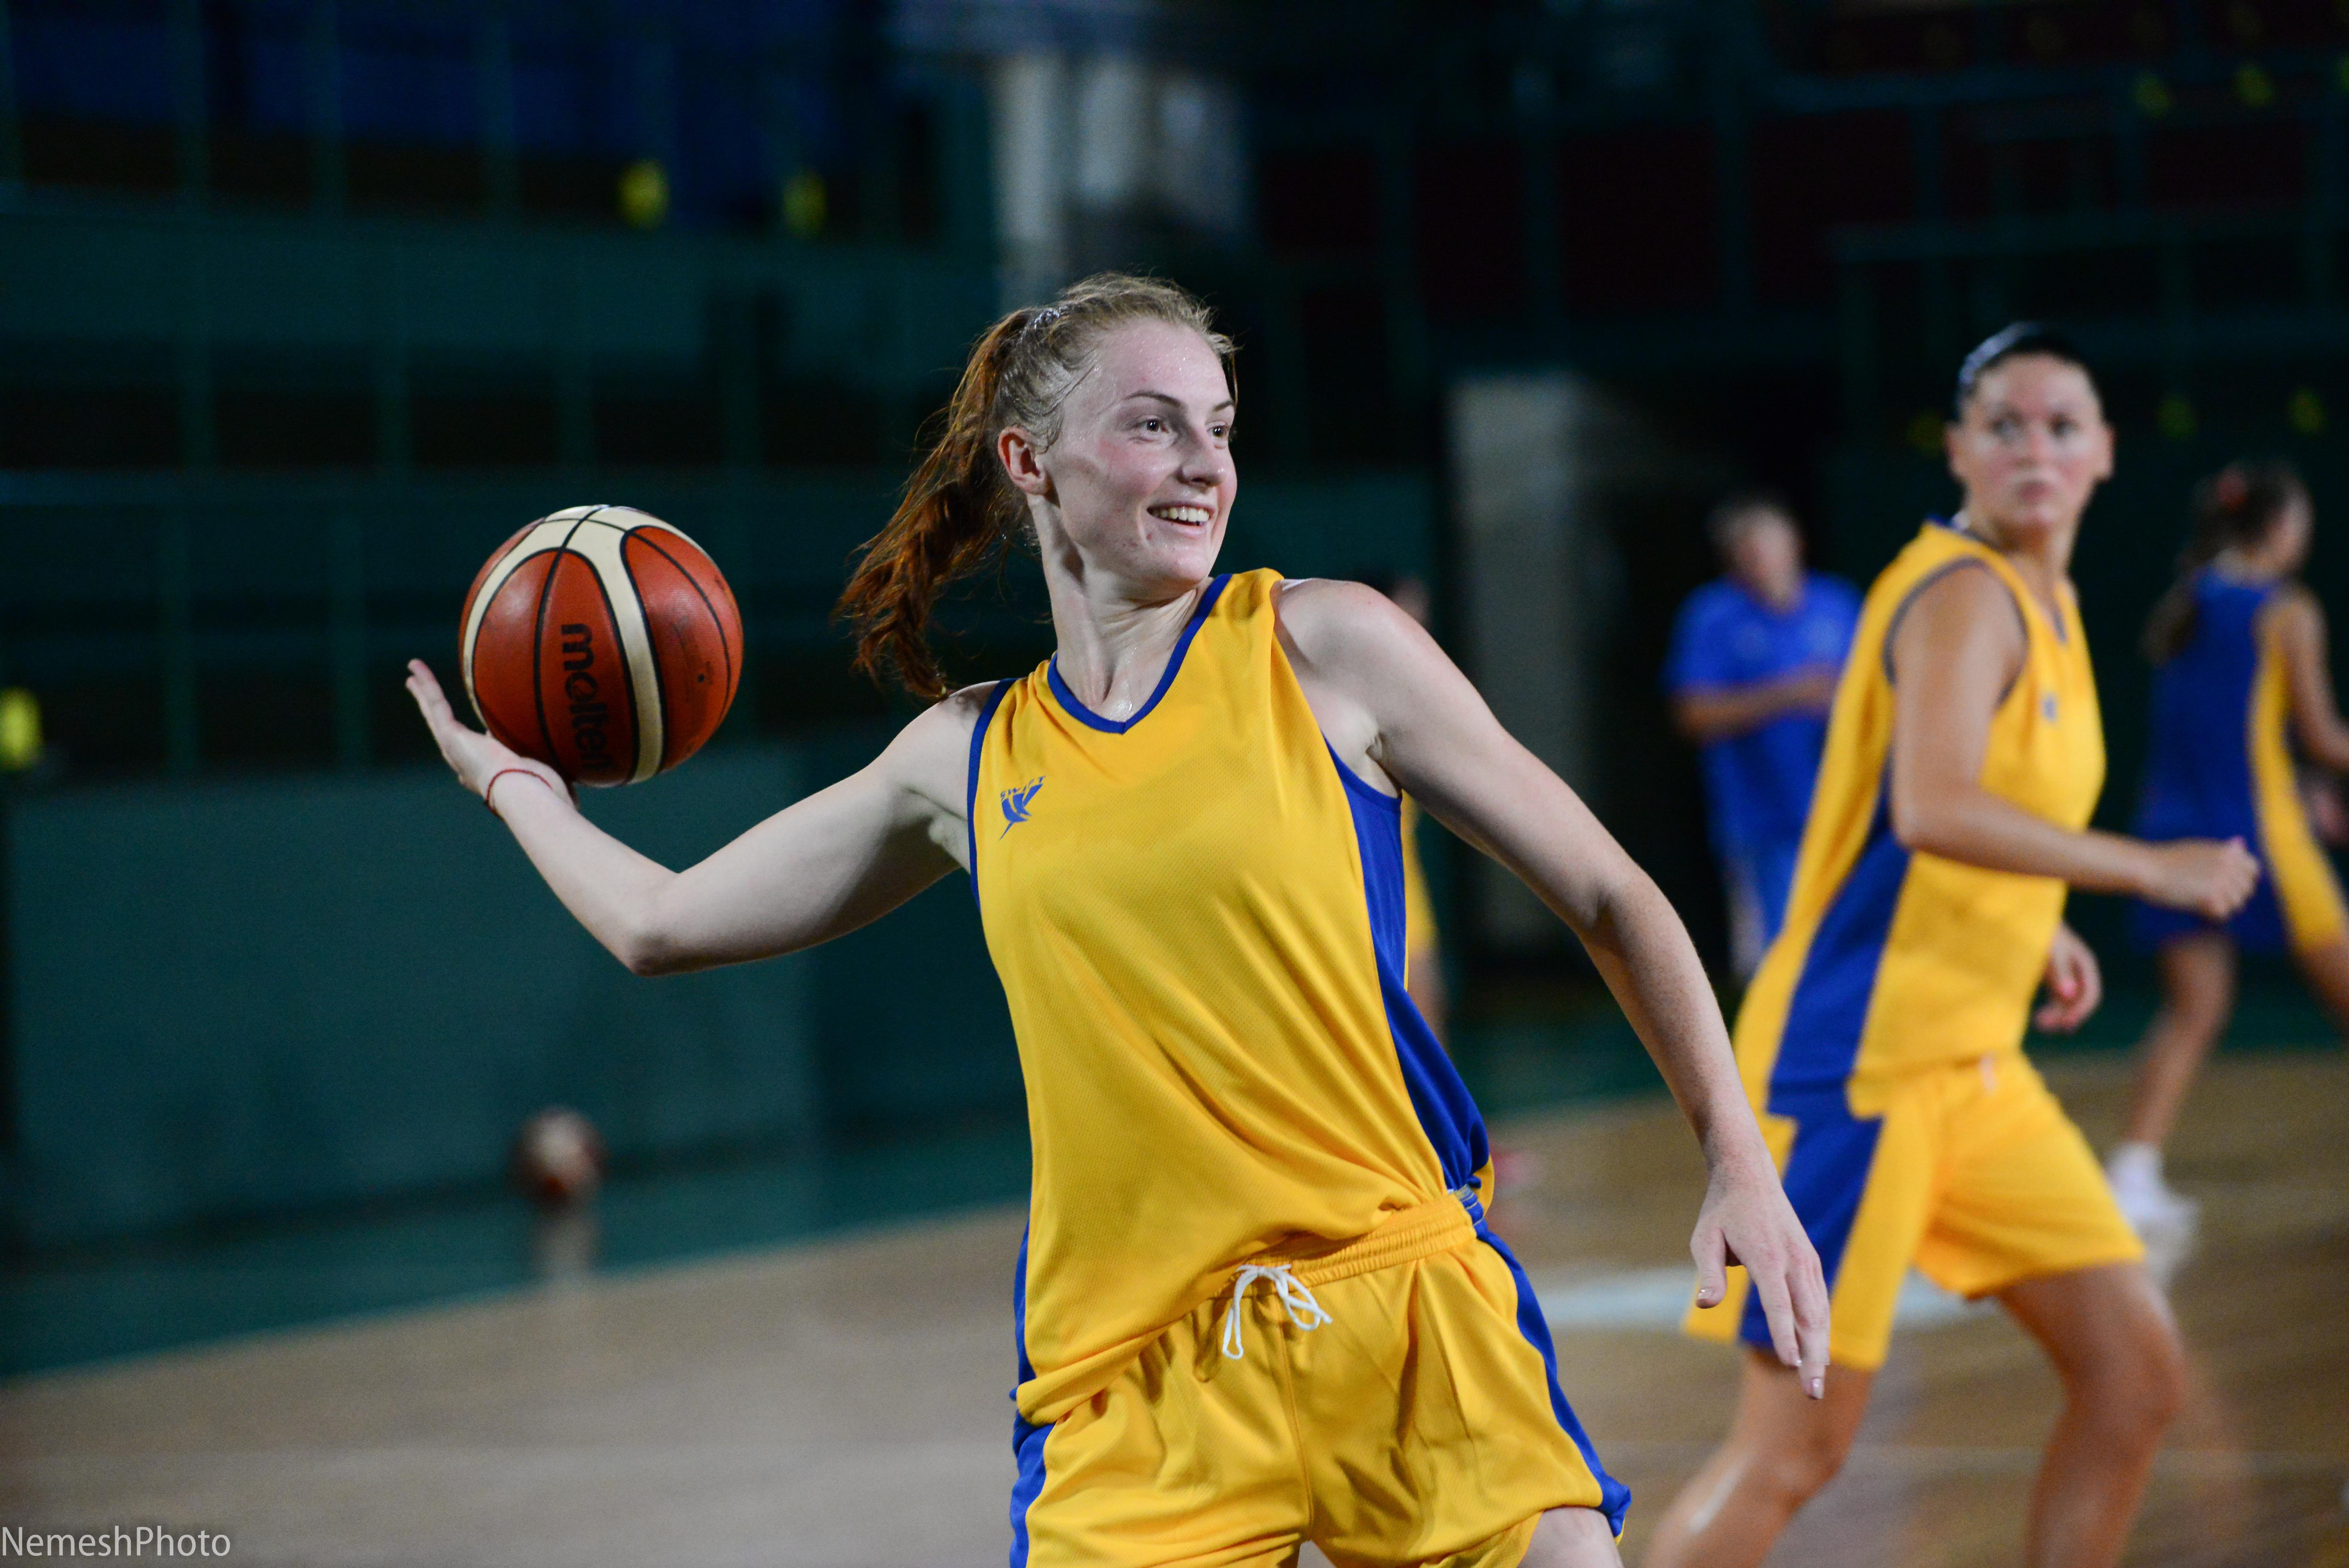 Жіноча збірна України розпочала підготовку до кваліфікаційного турніру на Євробаскет-2019